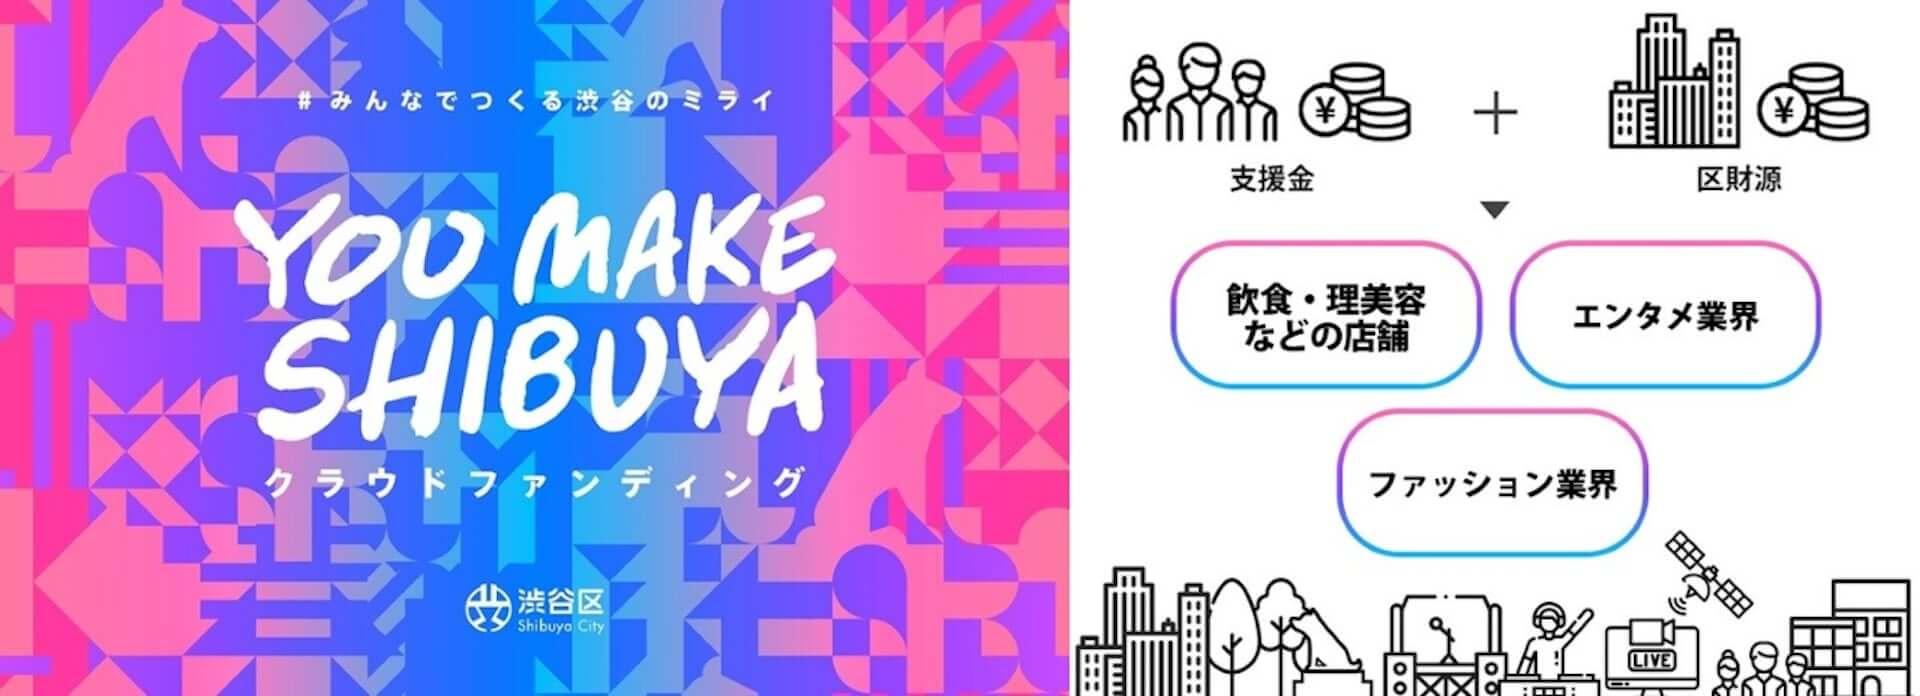 渋谷のカルチャーを支援する「YOU MAKE SHIBUYA クラウドファンディング」の特別映像が公開!Zeebra、DJ HASEBE、宇川直宏など23名が登場 art200721_youmakeshibuya_2-1920x696